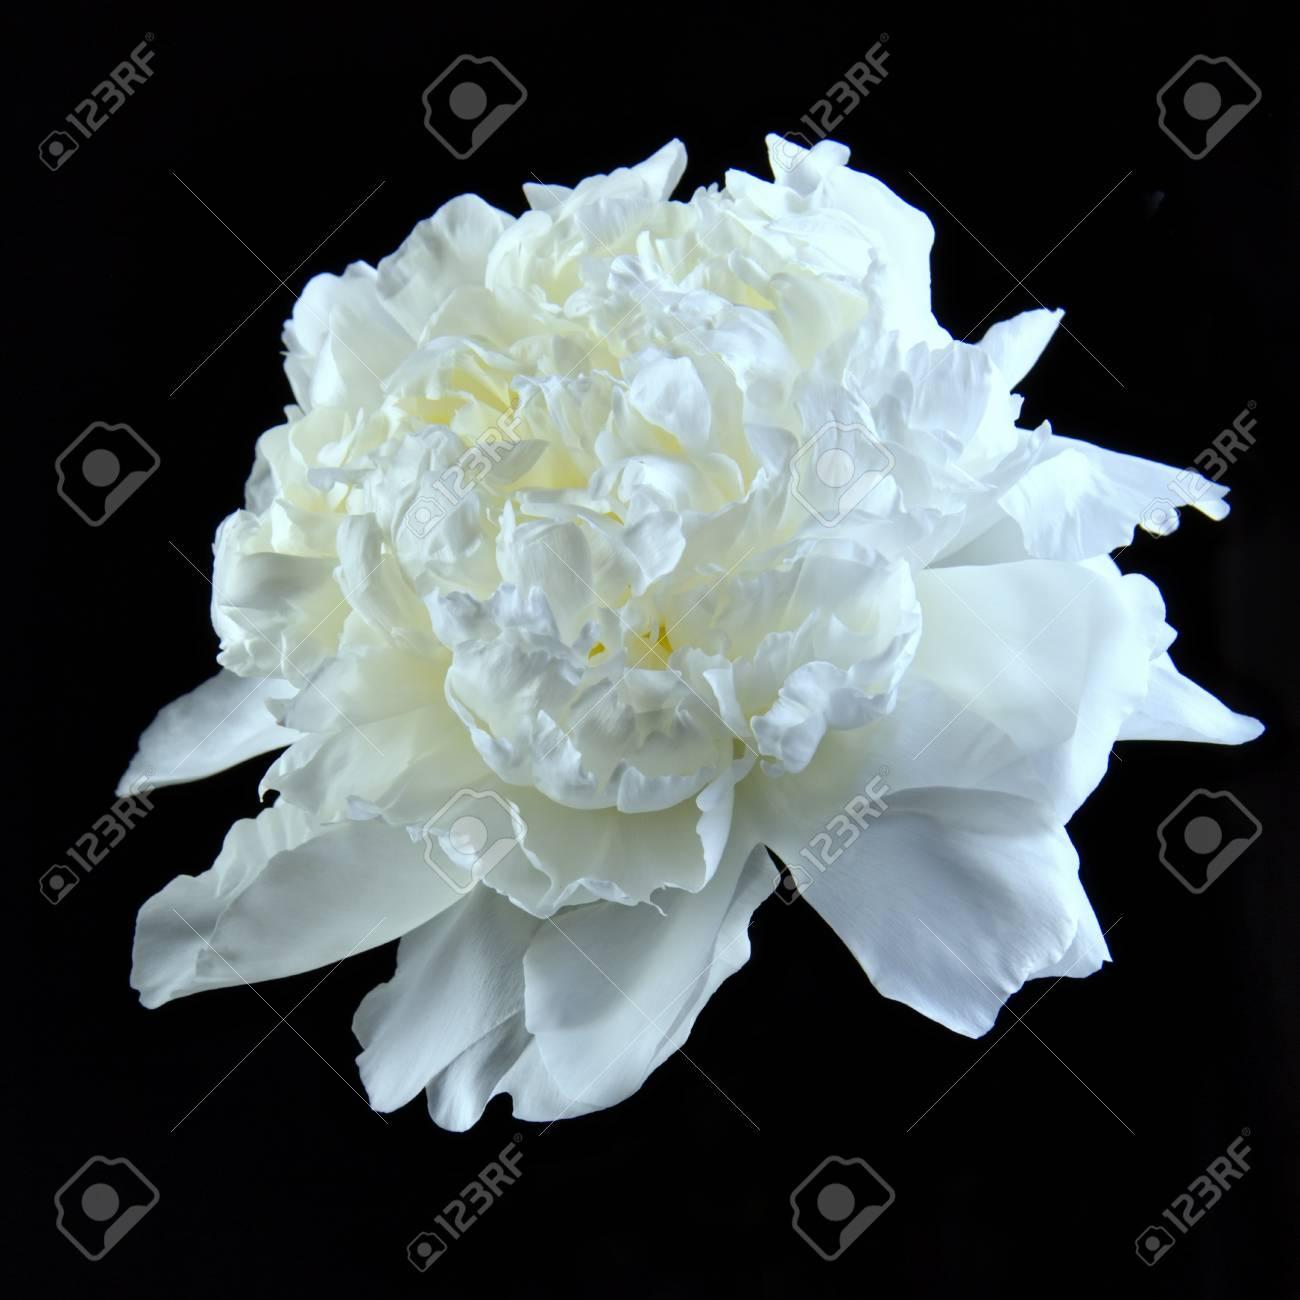 La Fleur D Aster Blanche Brille Et Brille A L Interieur Fond Noir